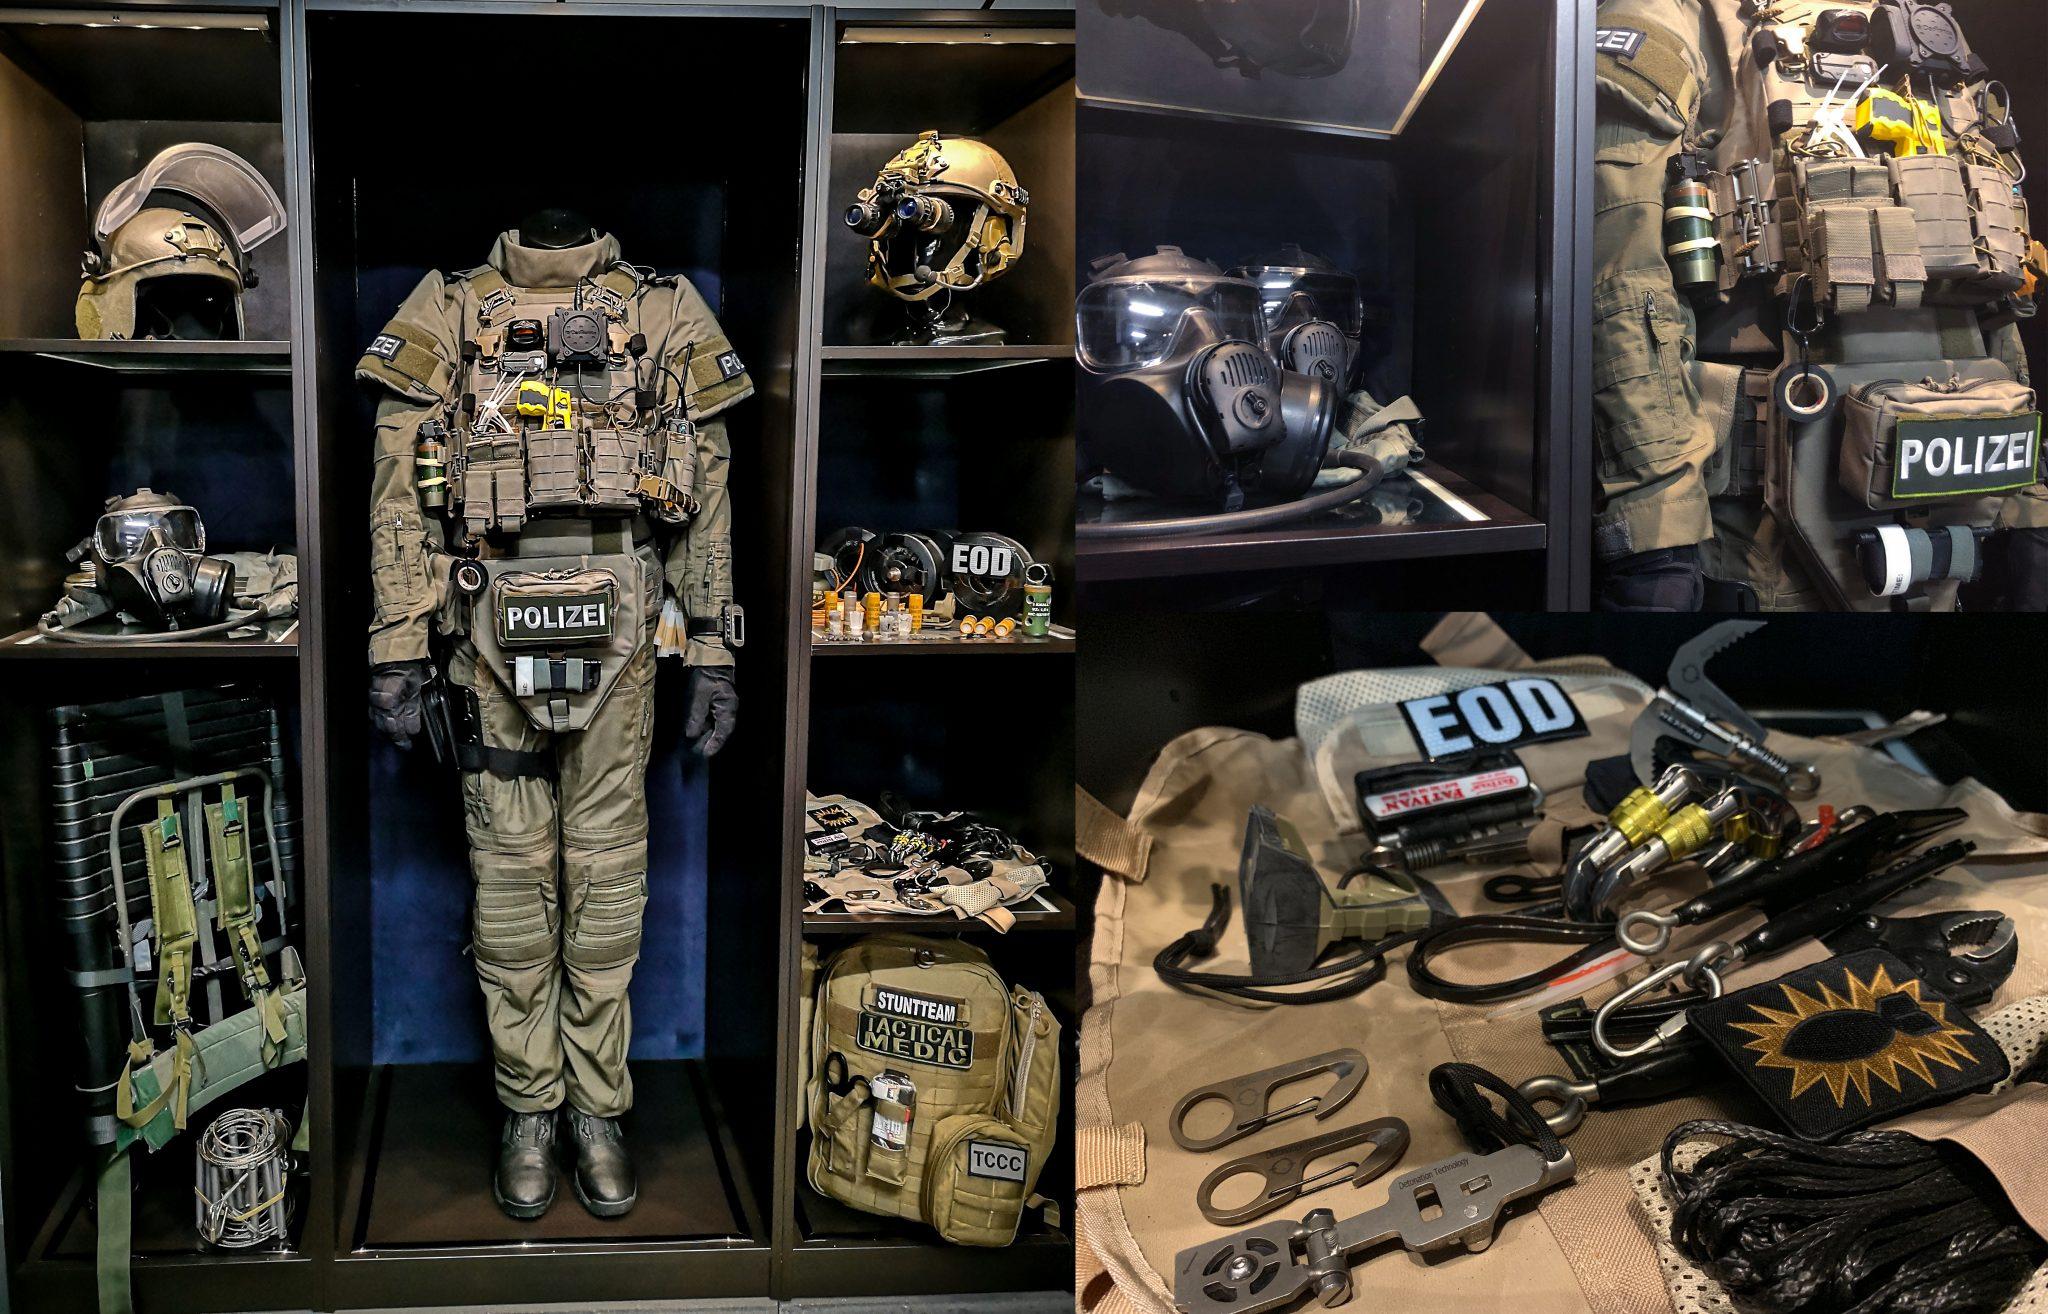 MG FORCES, Spezialeeinsatzkommando für Film, Special Forces for movies,